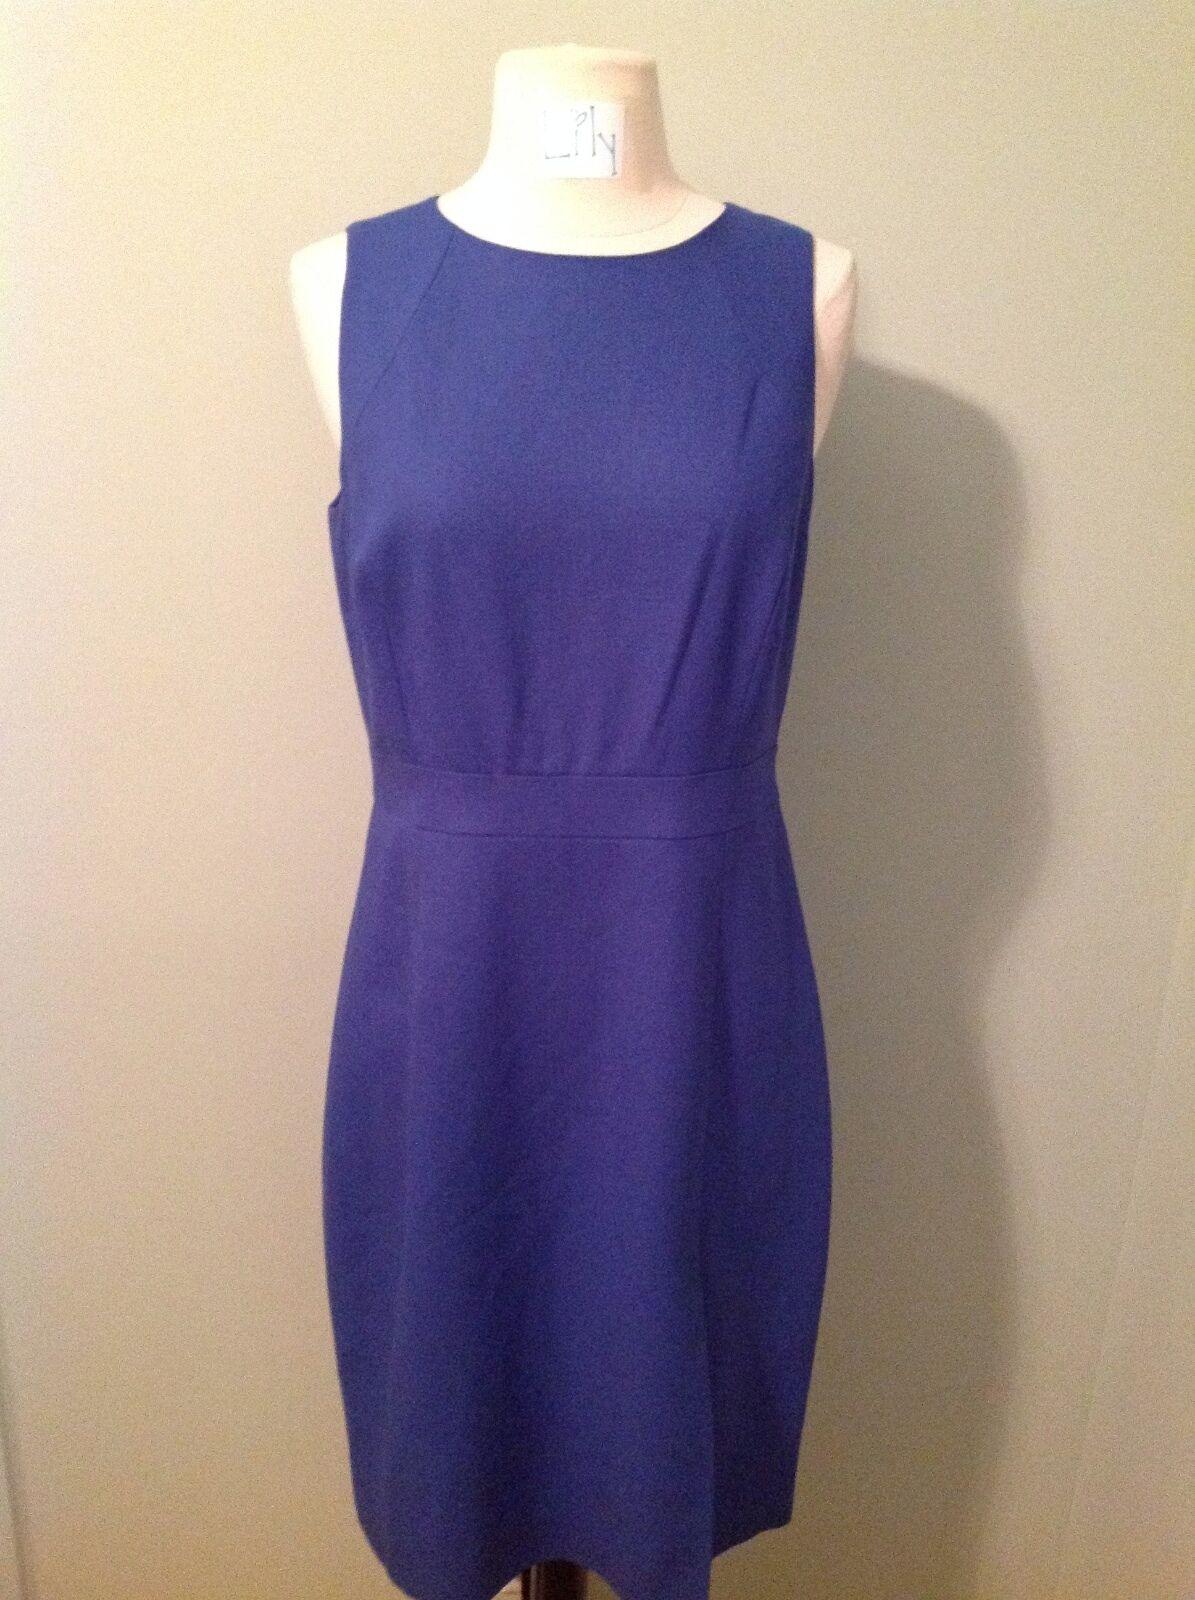 JCREW GWEN DRESS - Größe 10 - FESTIVAL Blau